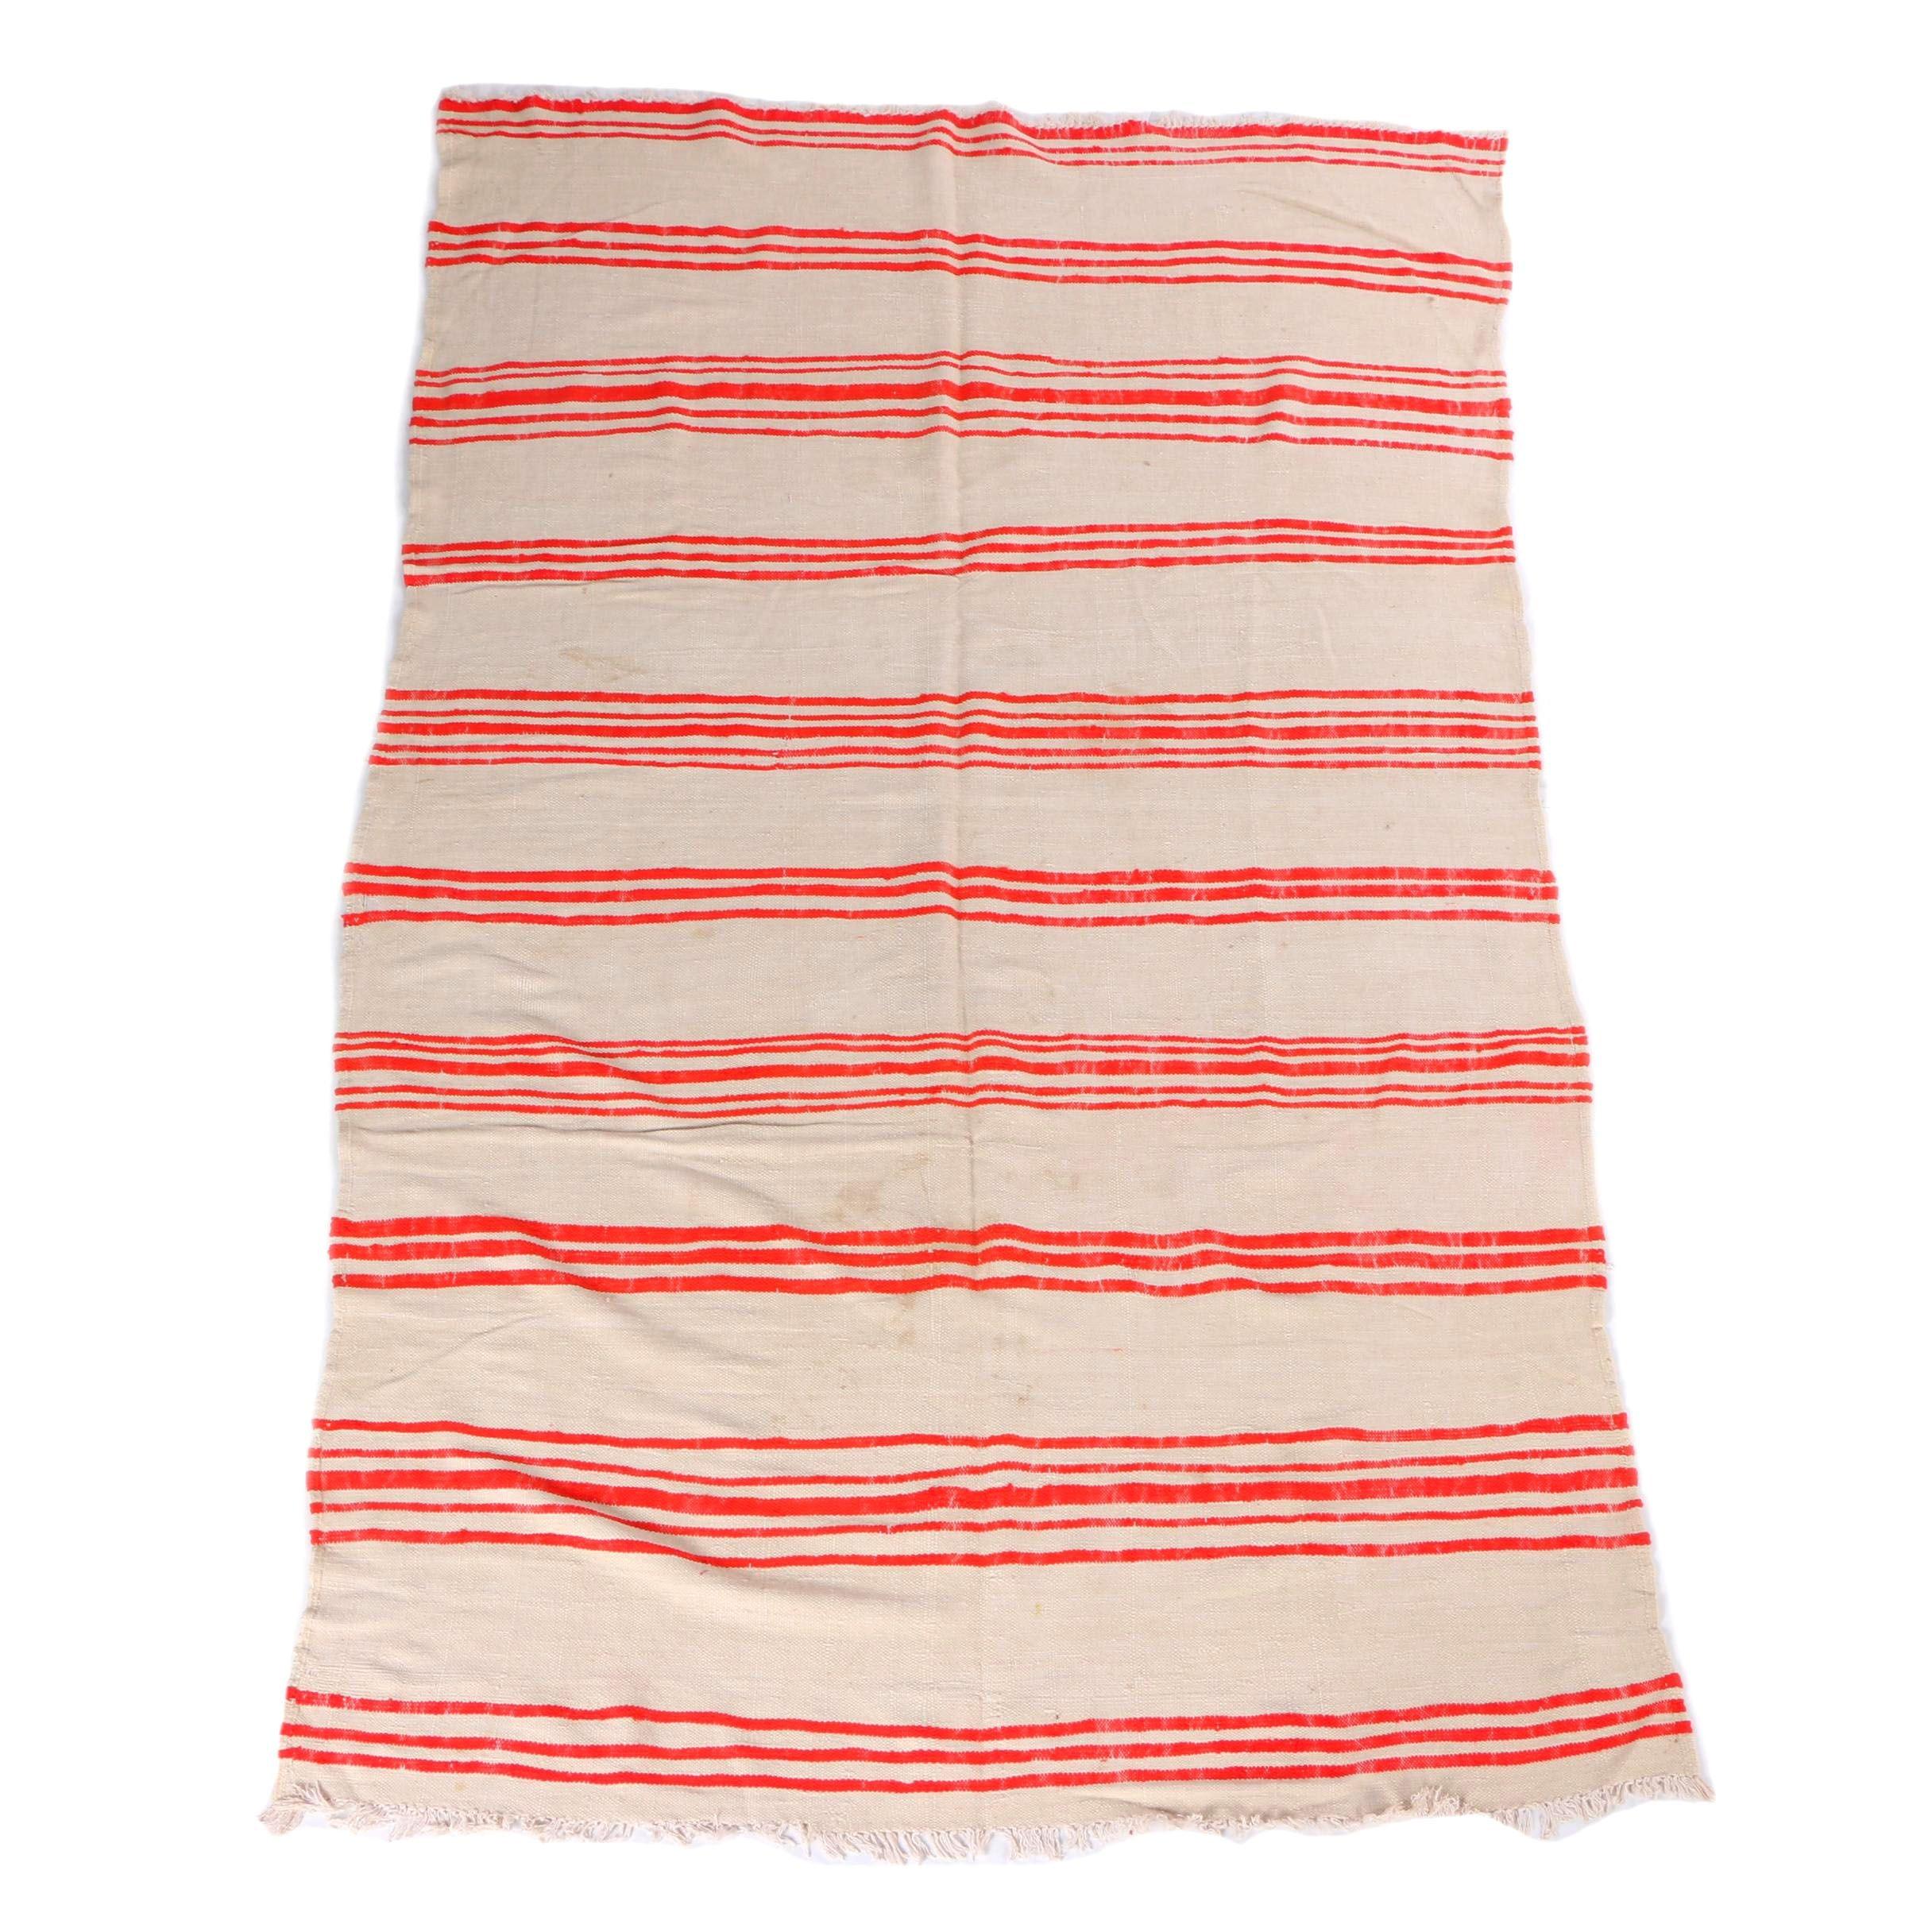 Handwoven Blue Ocean Traders Berber Wool Rug/Blanket